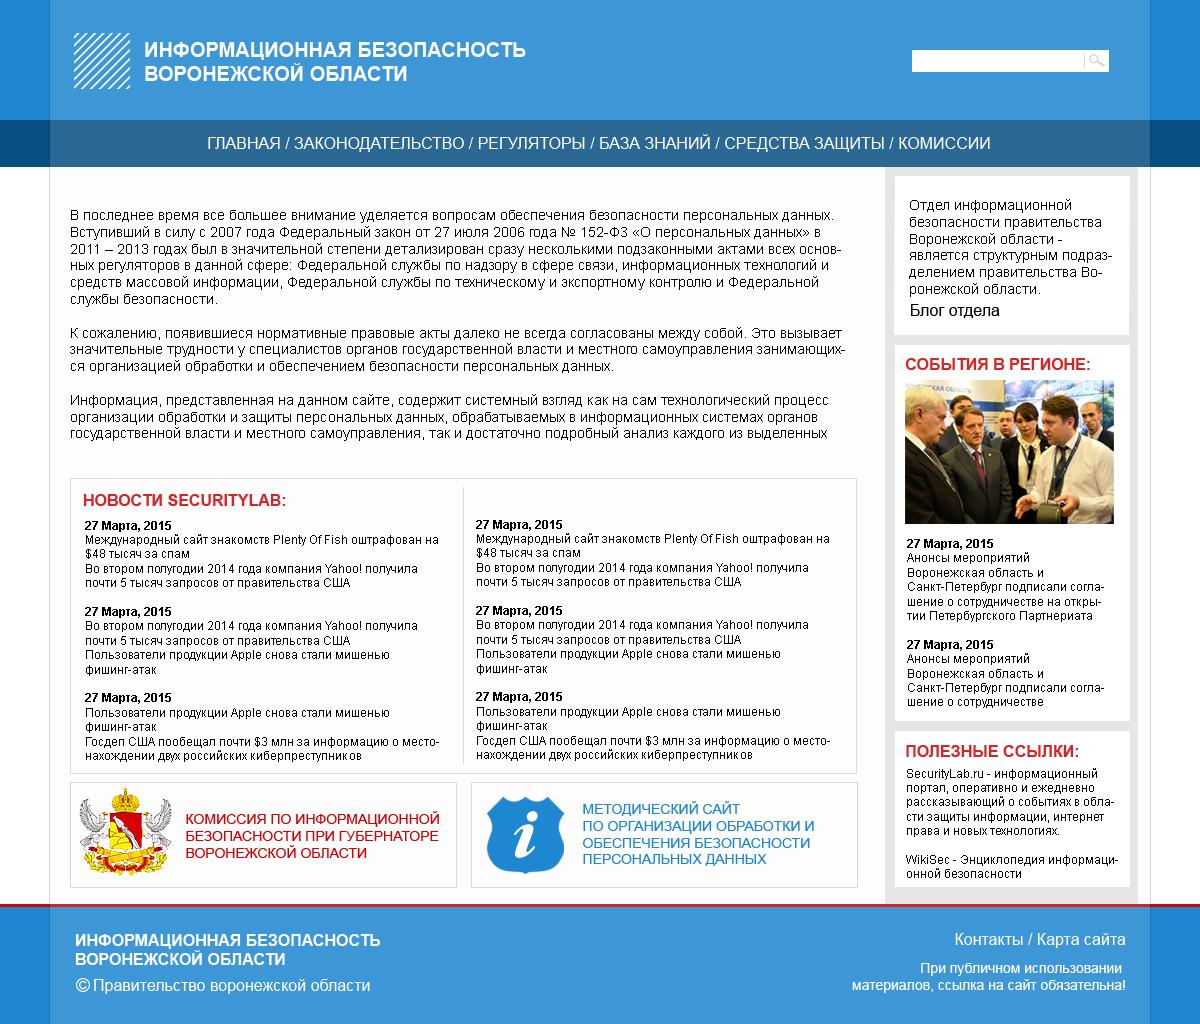 Сайт знакомств для пенсионеров в новосибирске